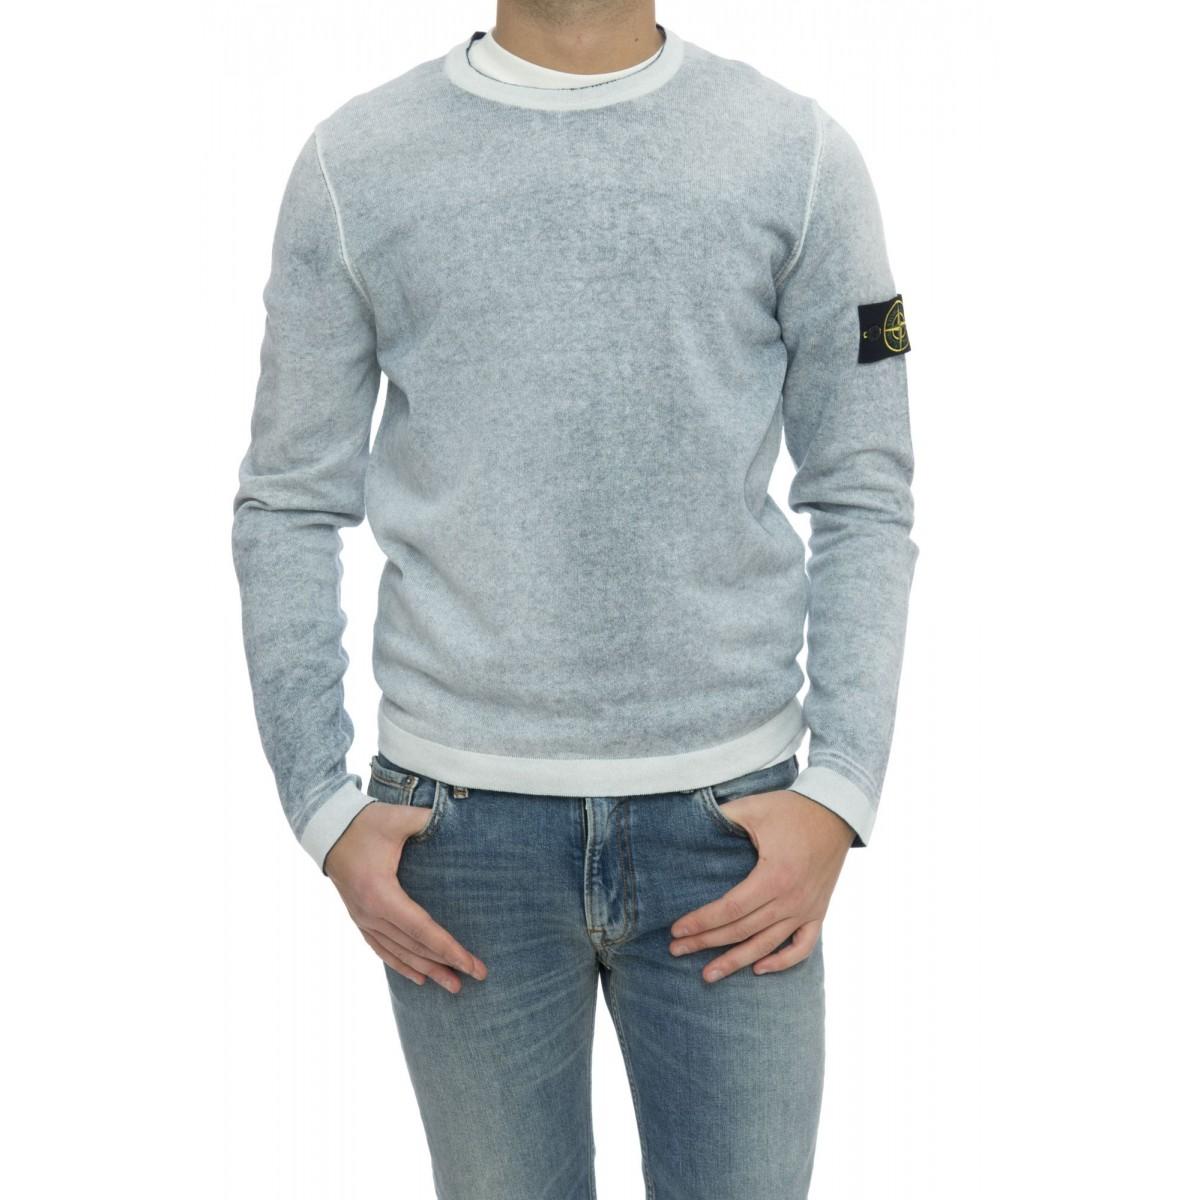 Maglia - 544a8 maglia reversibile spruzzata